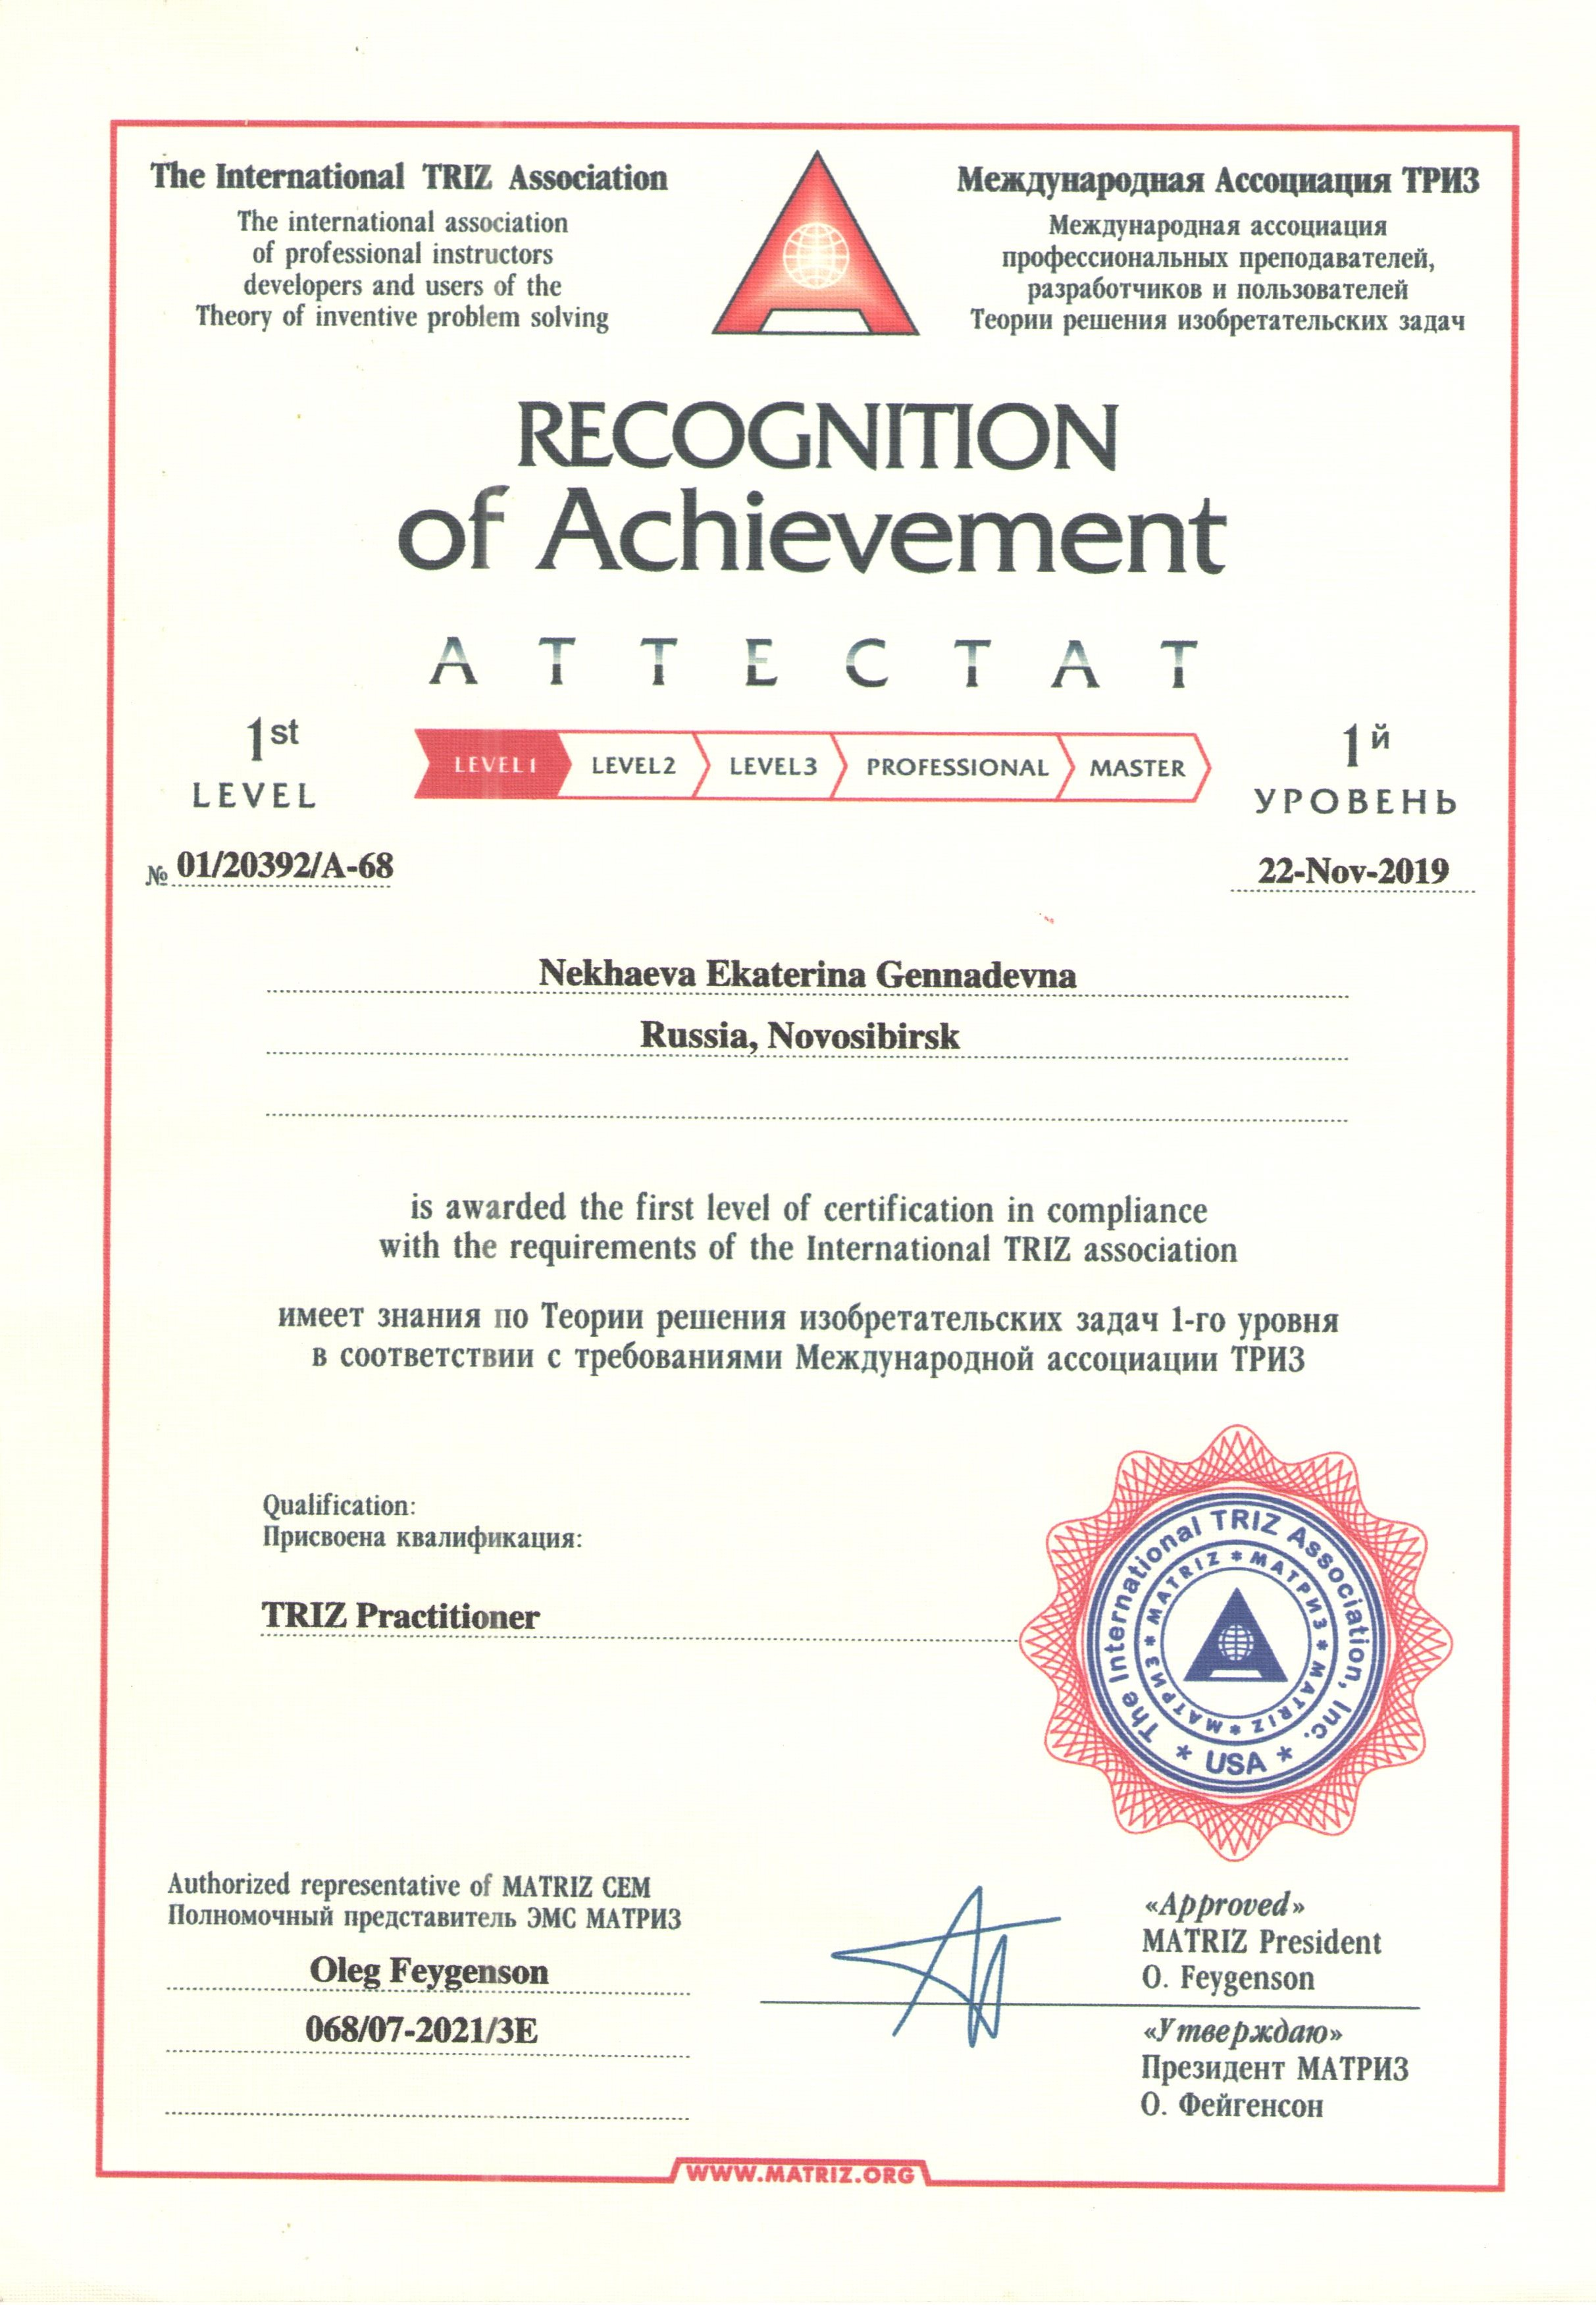 Сертификат ТРИЗ Нехаевой Екатерины Геннадьевны